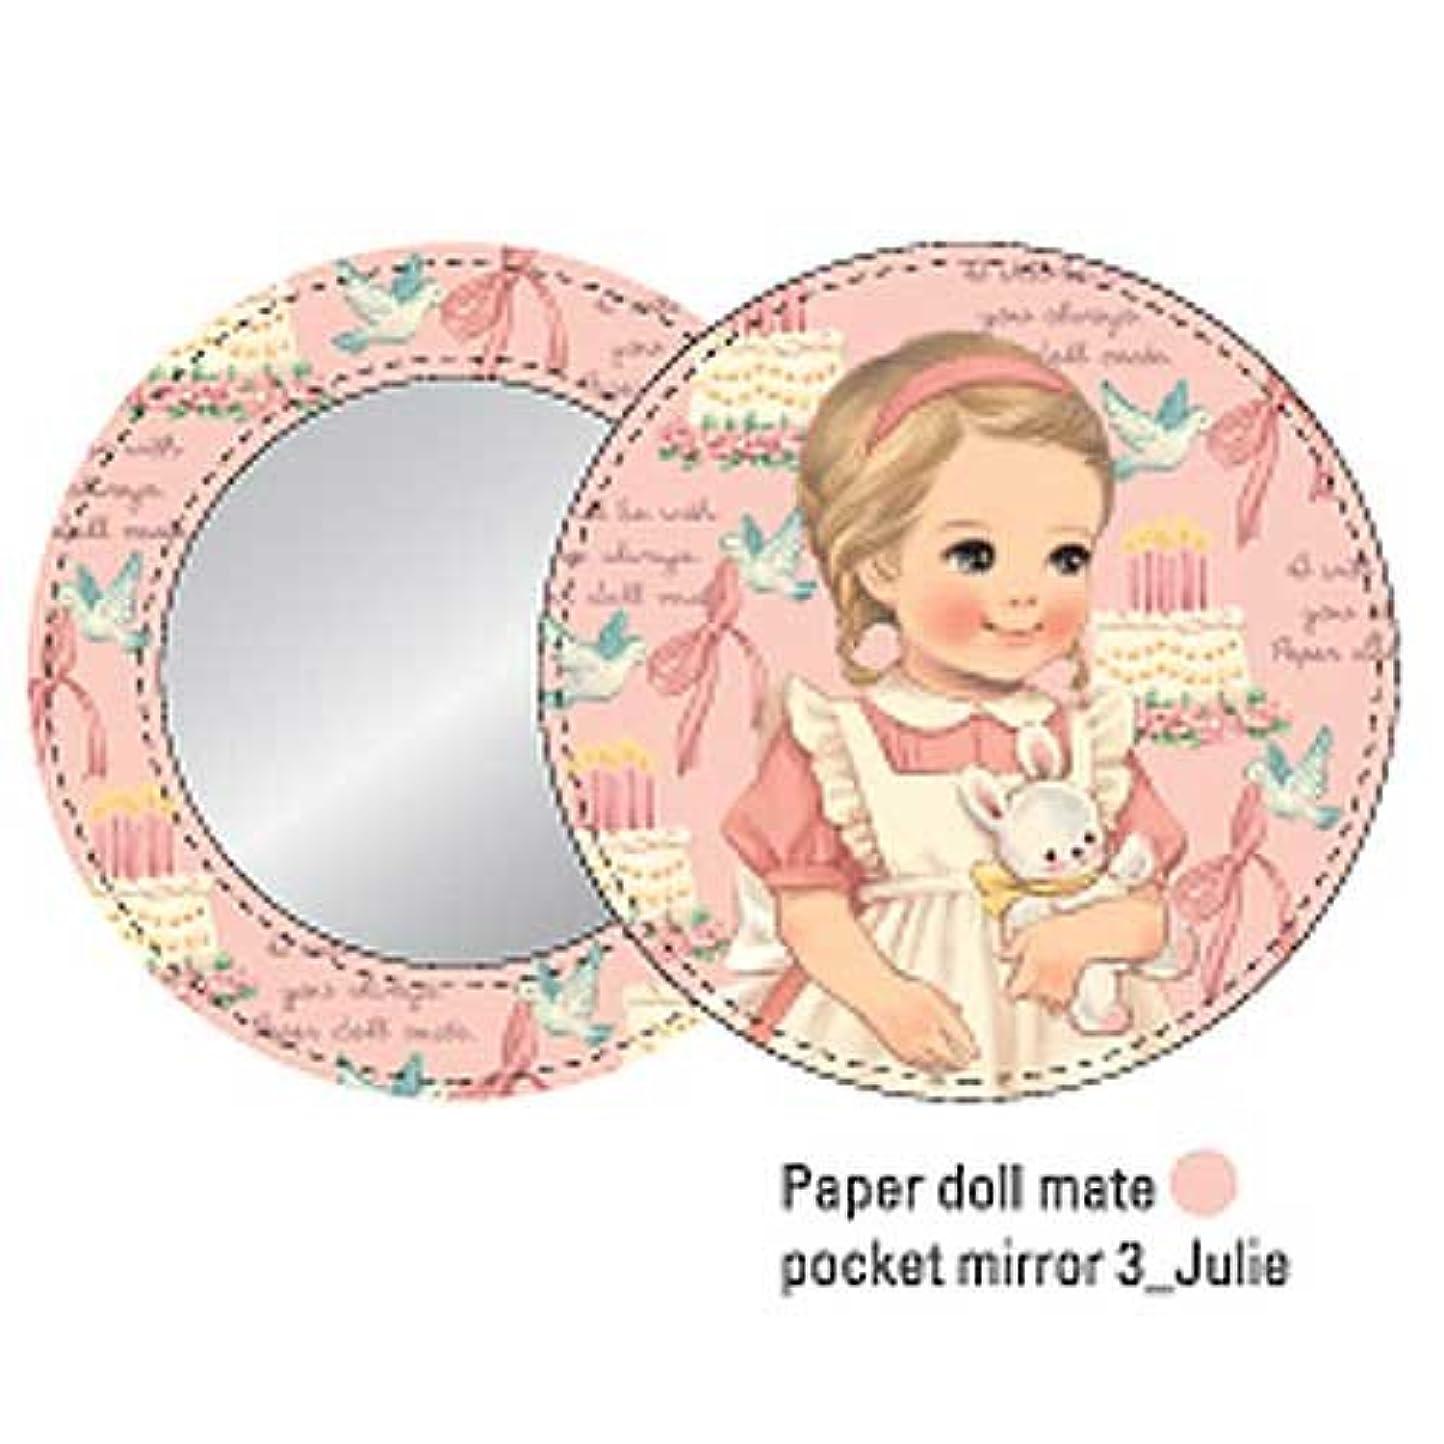 ペーパードールメイト/丸くて可愛いポケットミラー3_ Alice